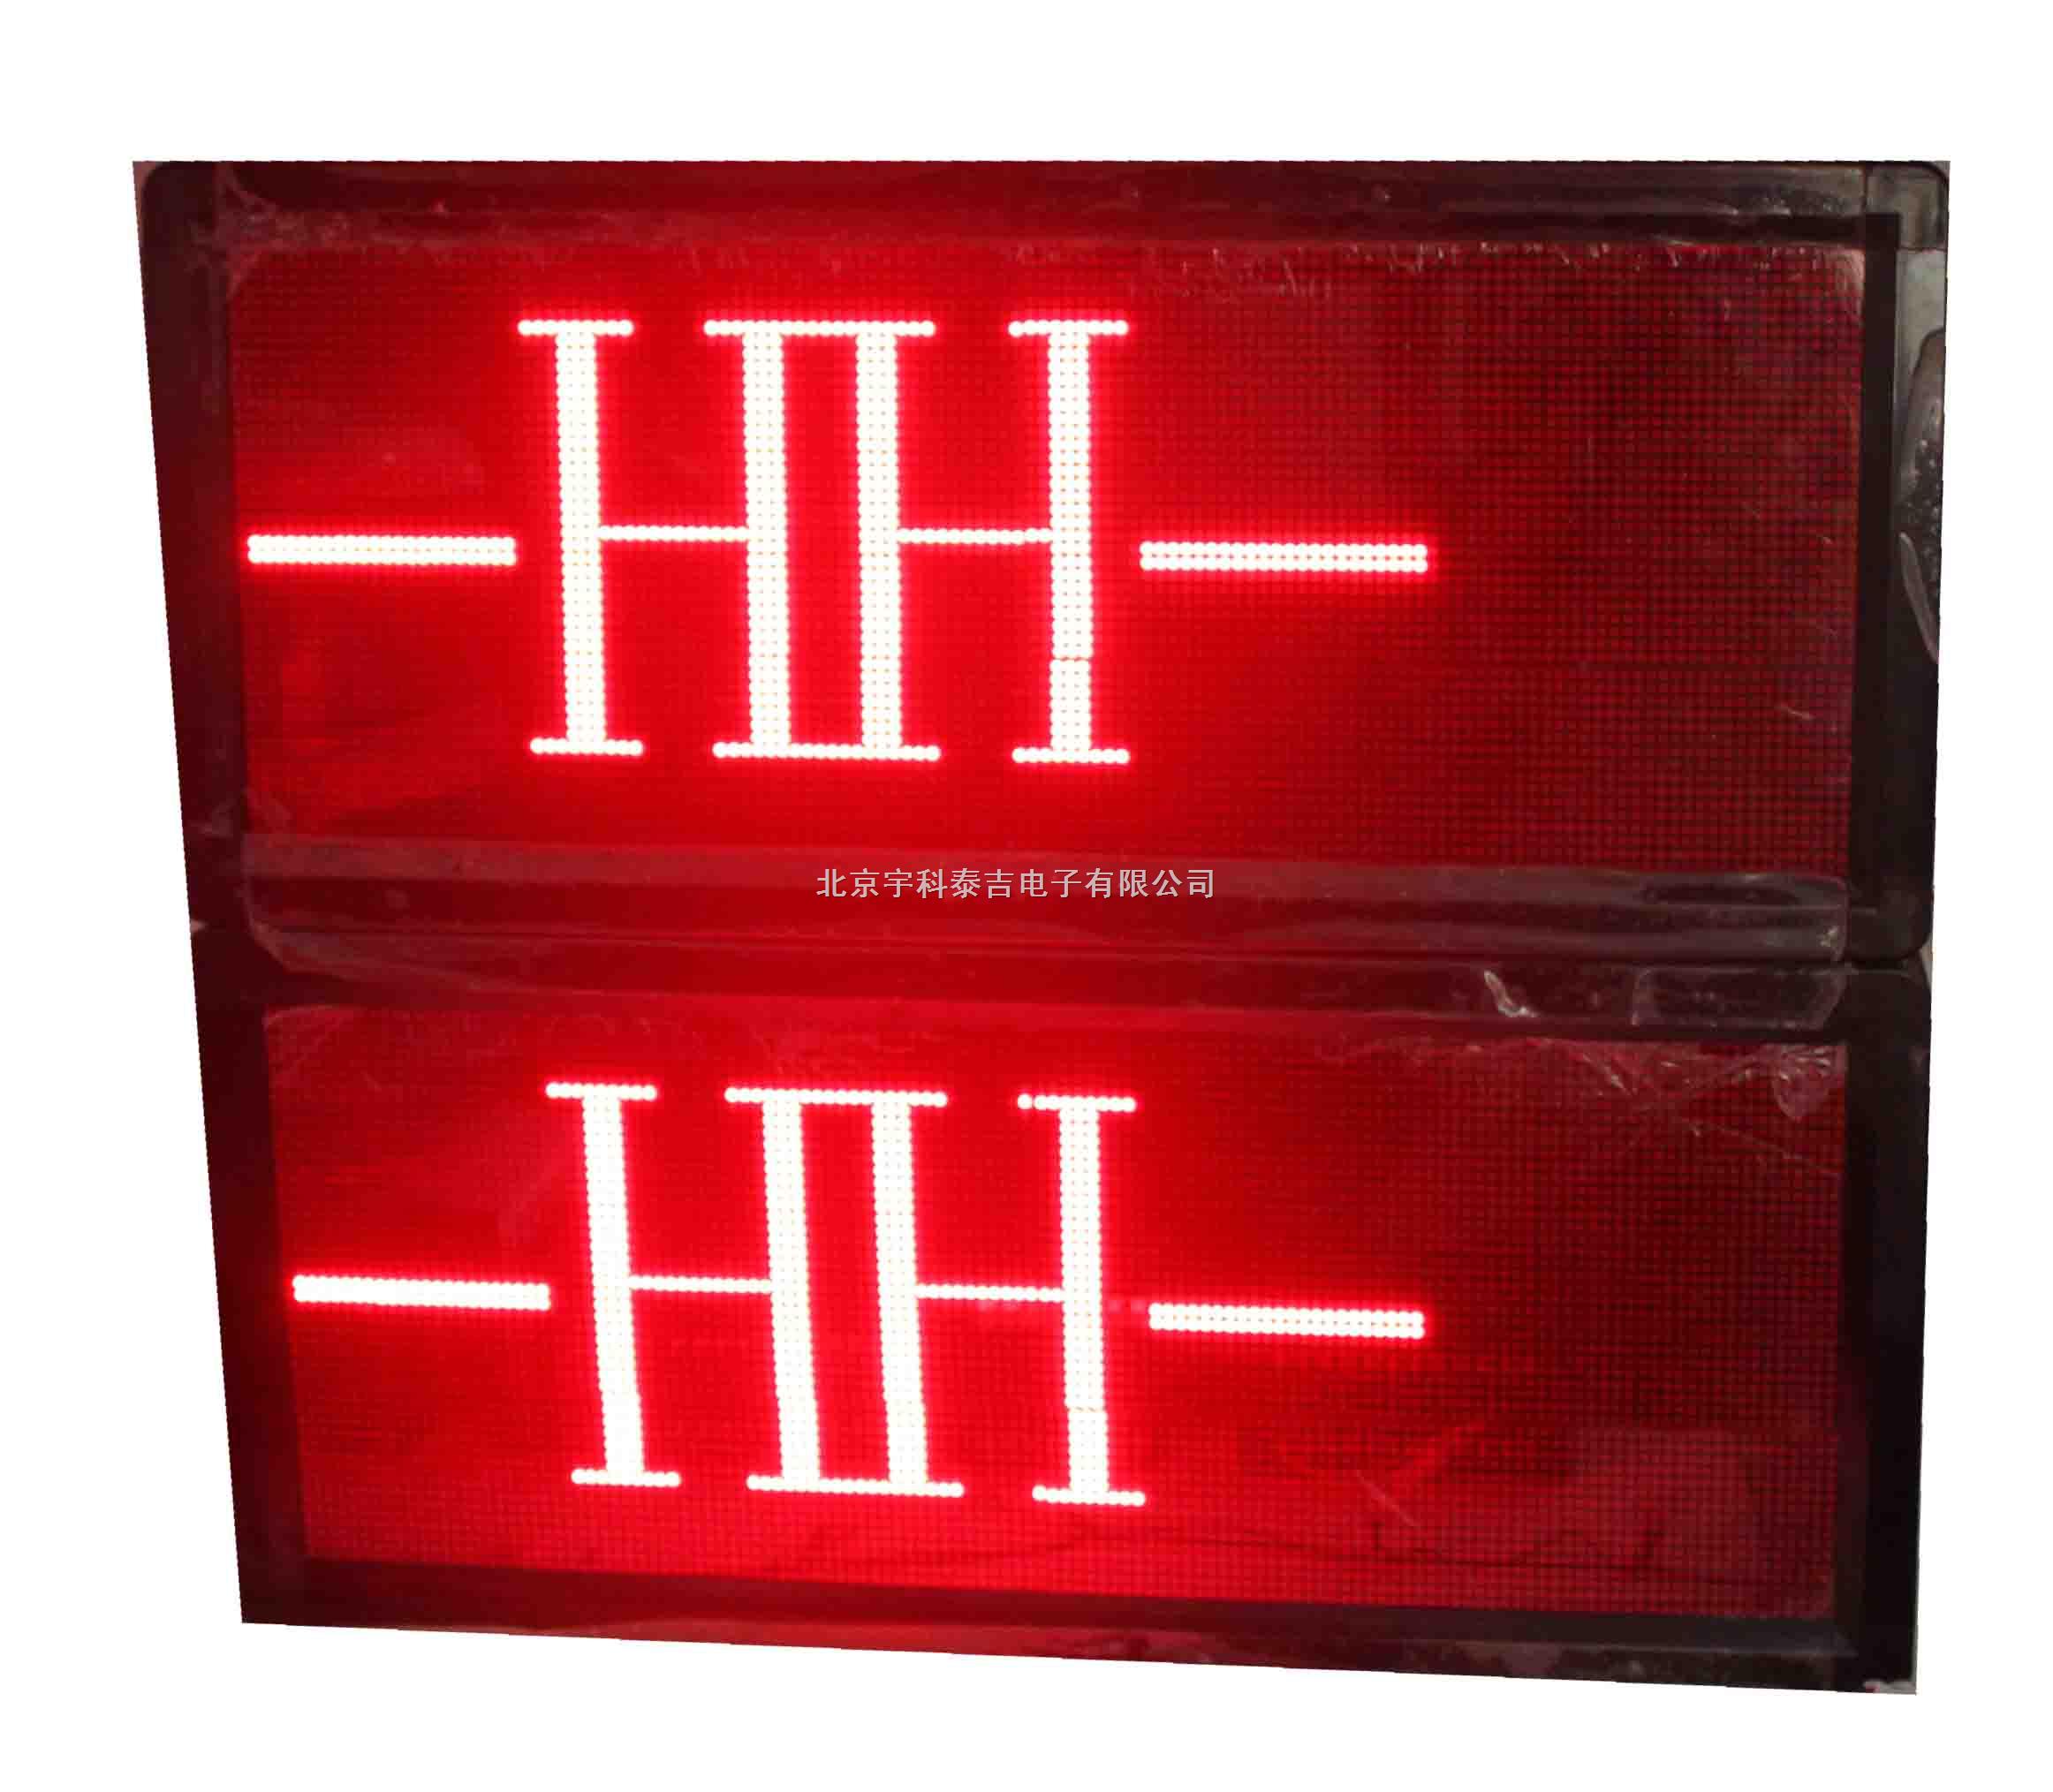 LED水位显示屏测控仪